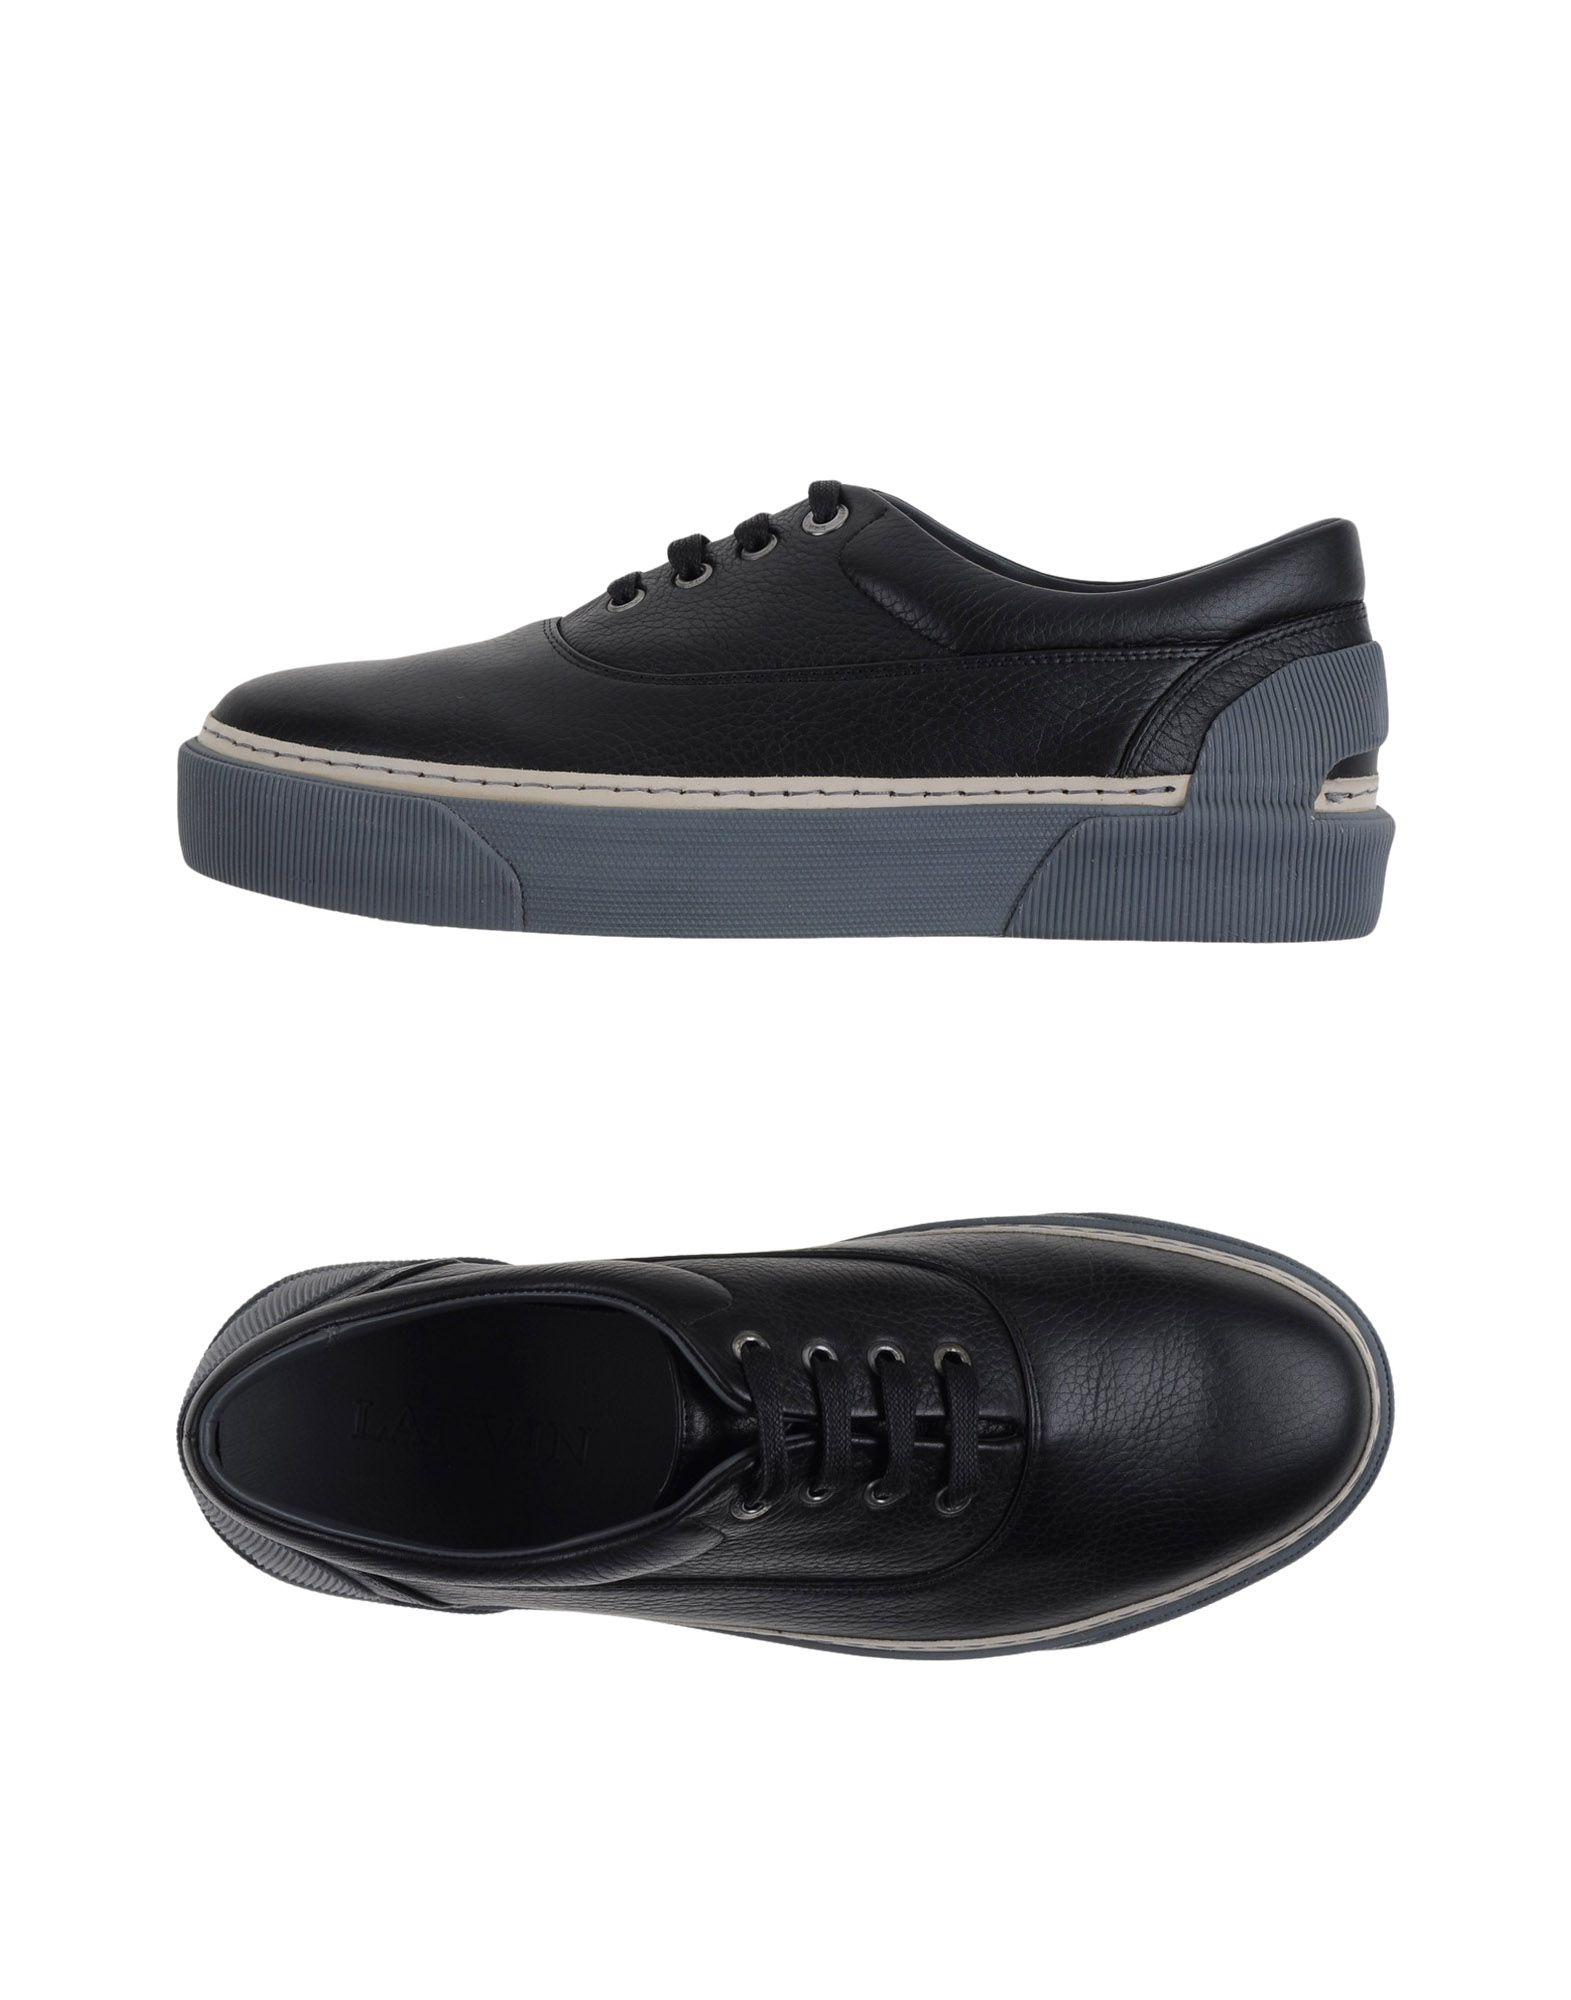 Lanvin Sneakers Herren  11046742JI Schuhe Gute Qualität beliebte Schuhe 11046742JI 76d7a2